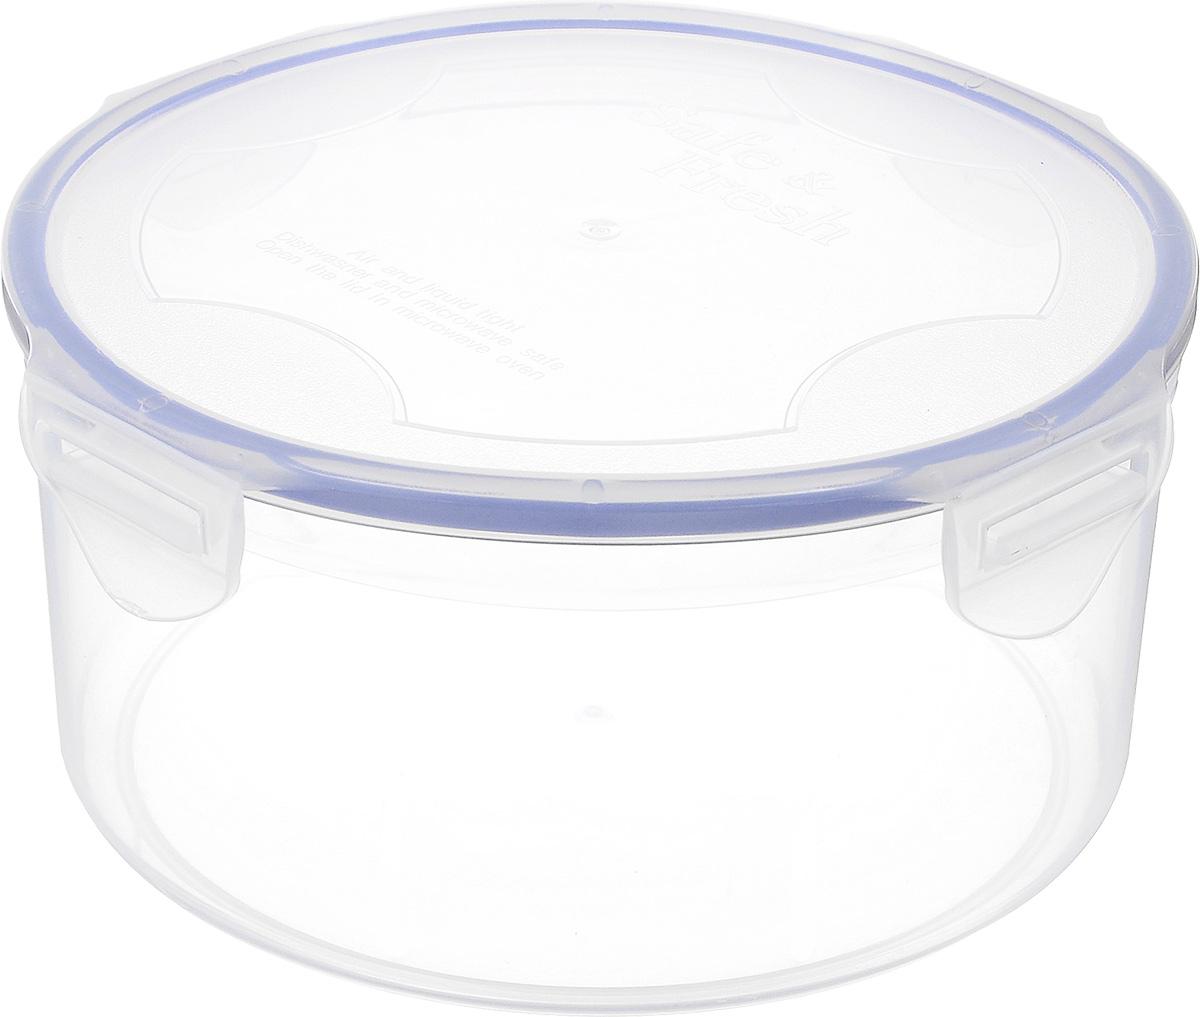 Контейнер пищевой Tek-a-Tek, 500 млSF6-1Пищевой контейнер Tek-a-Tek выполнен из высококачественного пластика. Изделие оснащено четырехсторонними петлями-замками и силиконовой прокладкой на внутренней стороне крышки. Это позволяет воде и воздуху не попадать внутрь, сохраняется герметичность. Изделие абсолютно нетоксично при любом температурном режиме. Можно использовать в посудомоечной машине, а так же в микроволновой печи (без крышки), замораживать до -20°С и размораживать различные продукты без потери вкусовых качеств.